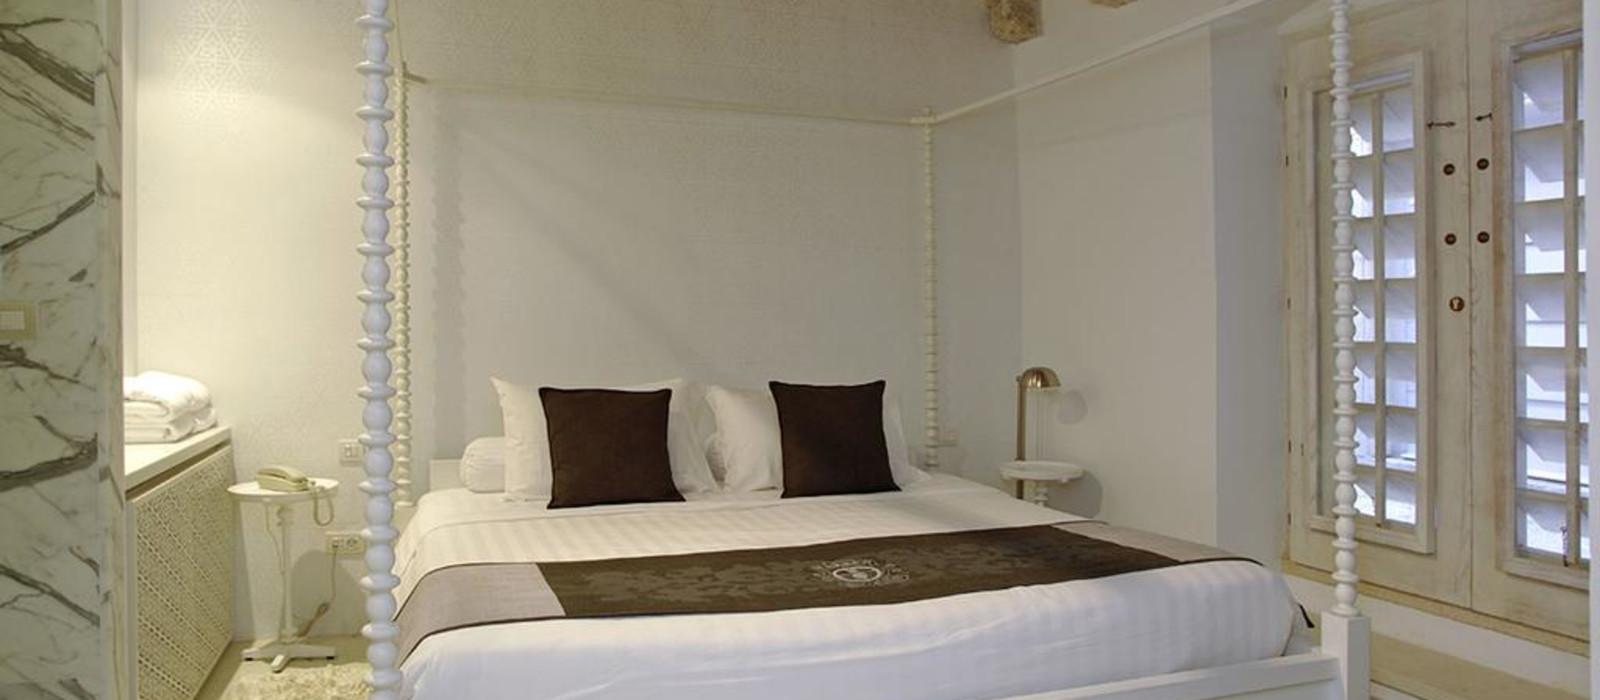 Hotel Lesic Dimitri Palace Croatia & Slovenia